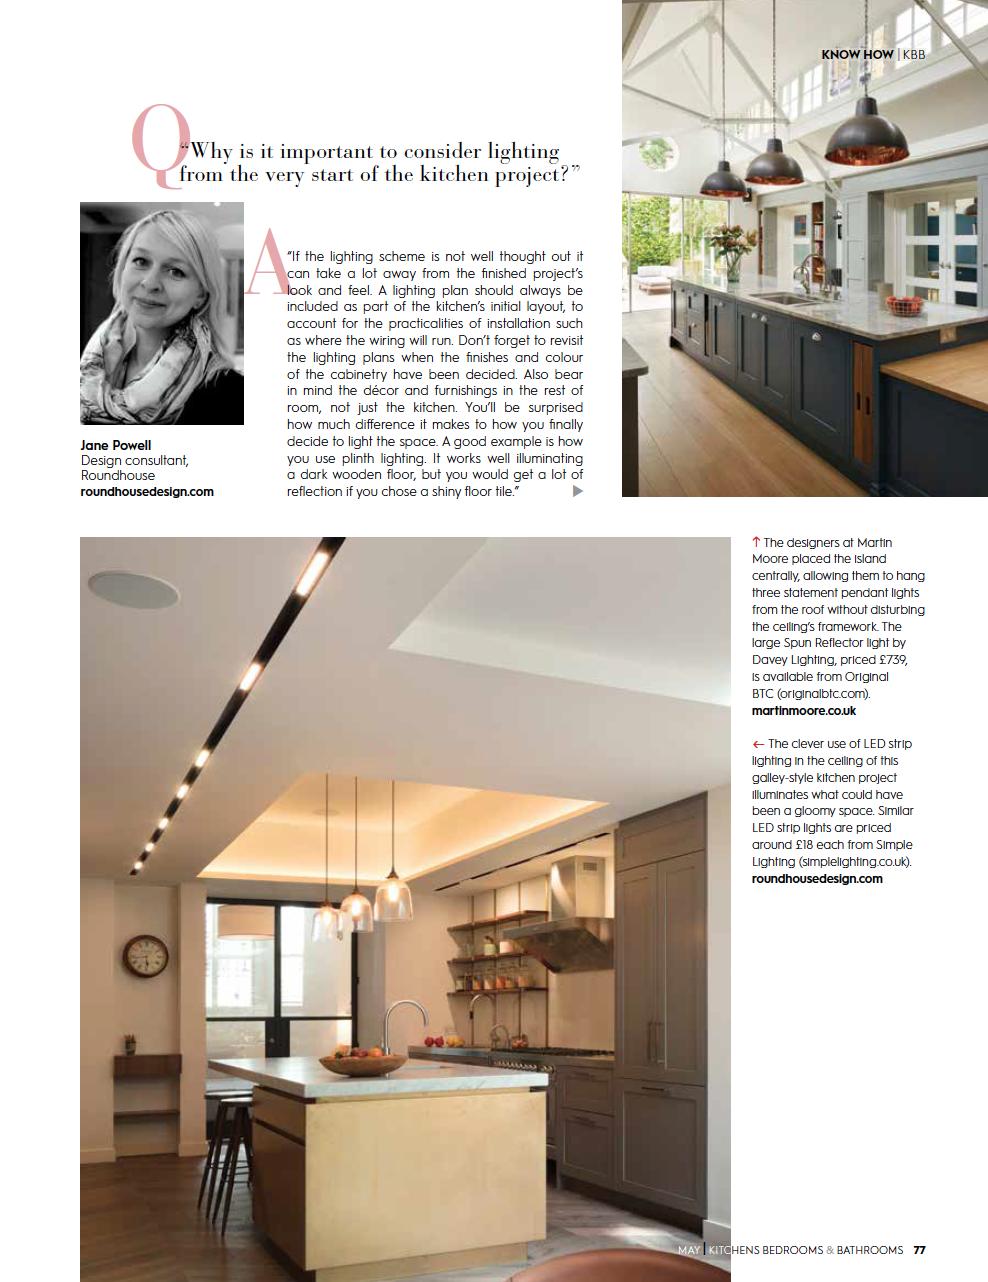 Eleanor Bell Kitchens, Bedrooms & Bathrooms May 2018 Kitchen Lighting 2